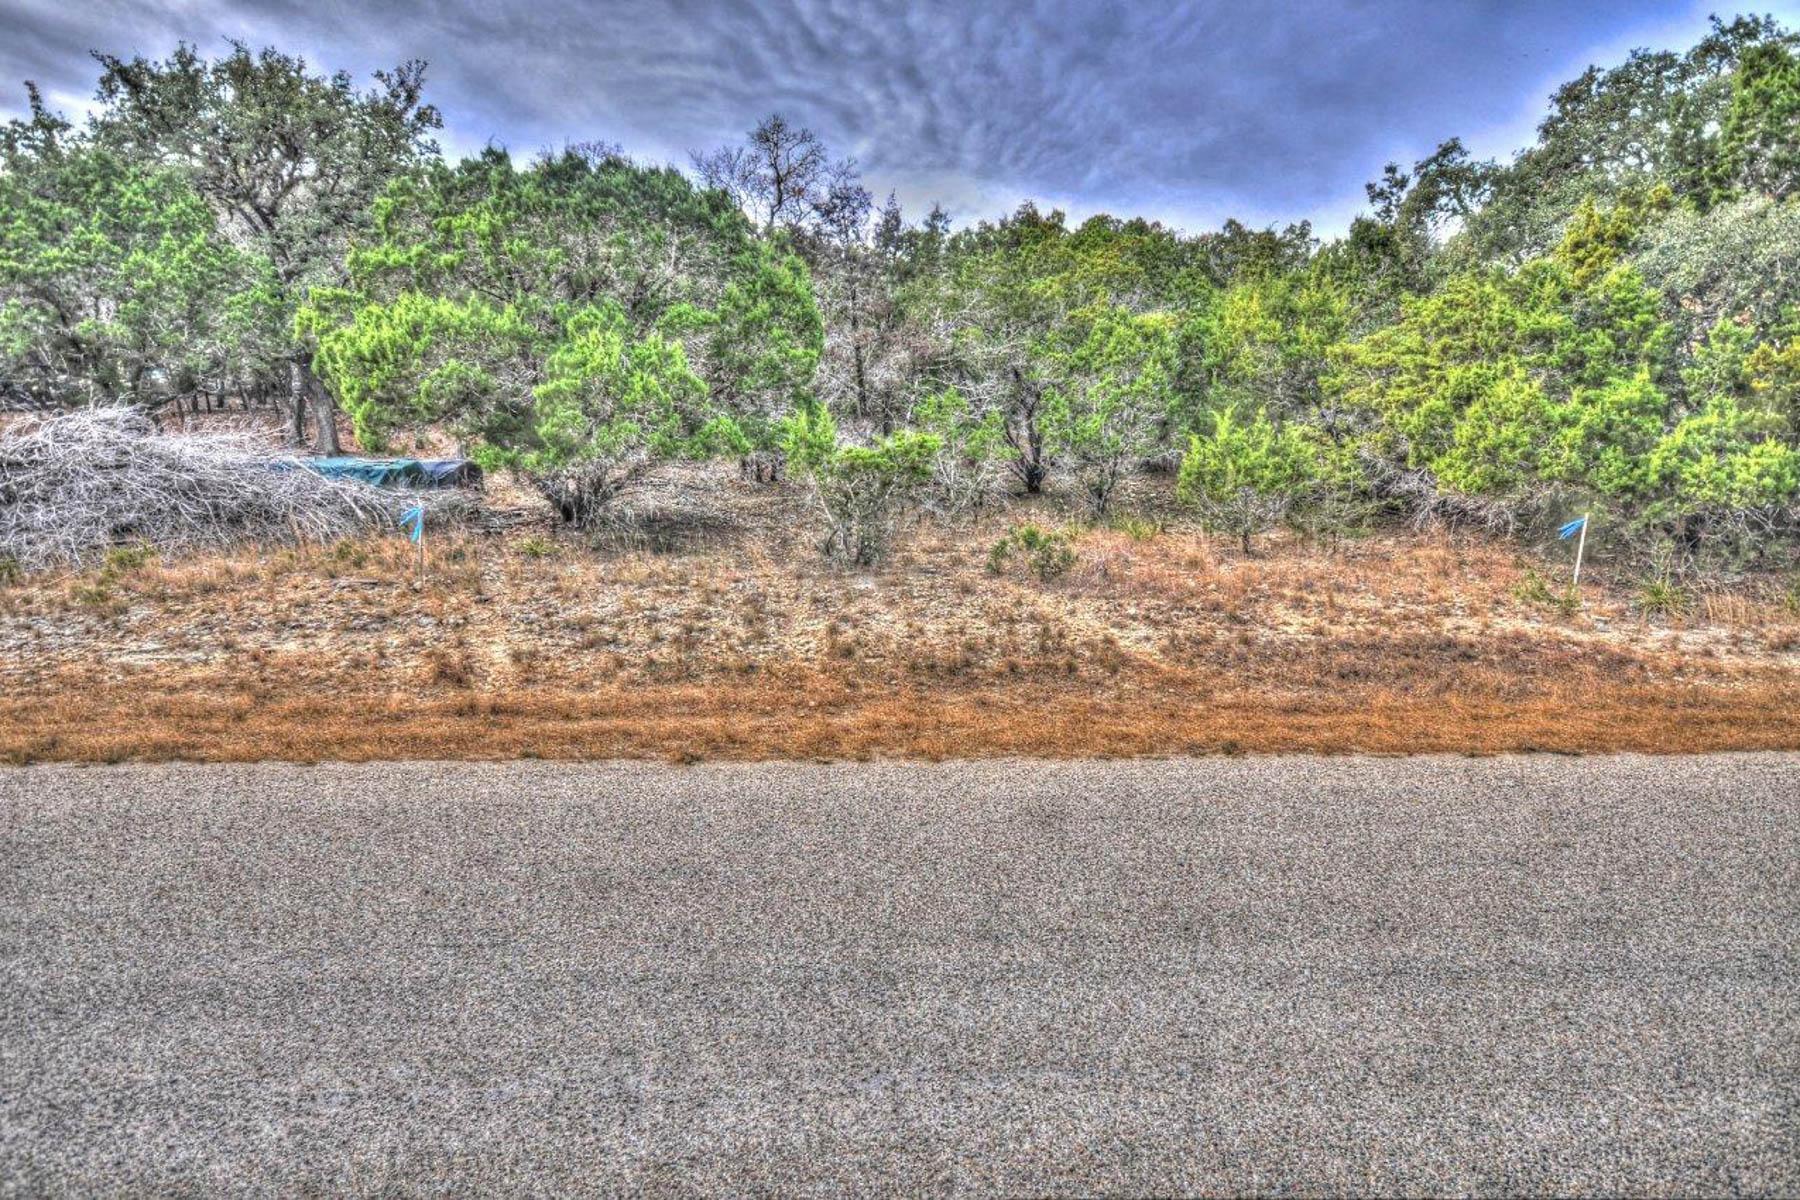 Terreno por un Venta en Nice Residential Lot in Canyon Lake 1255 Canyon Lake Dr Canyon Lake, Texas 78133 Estados Unidos